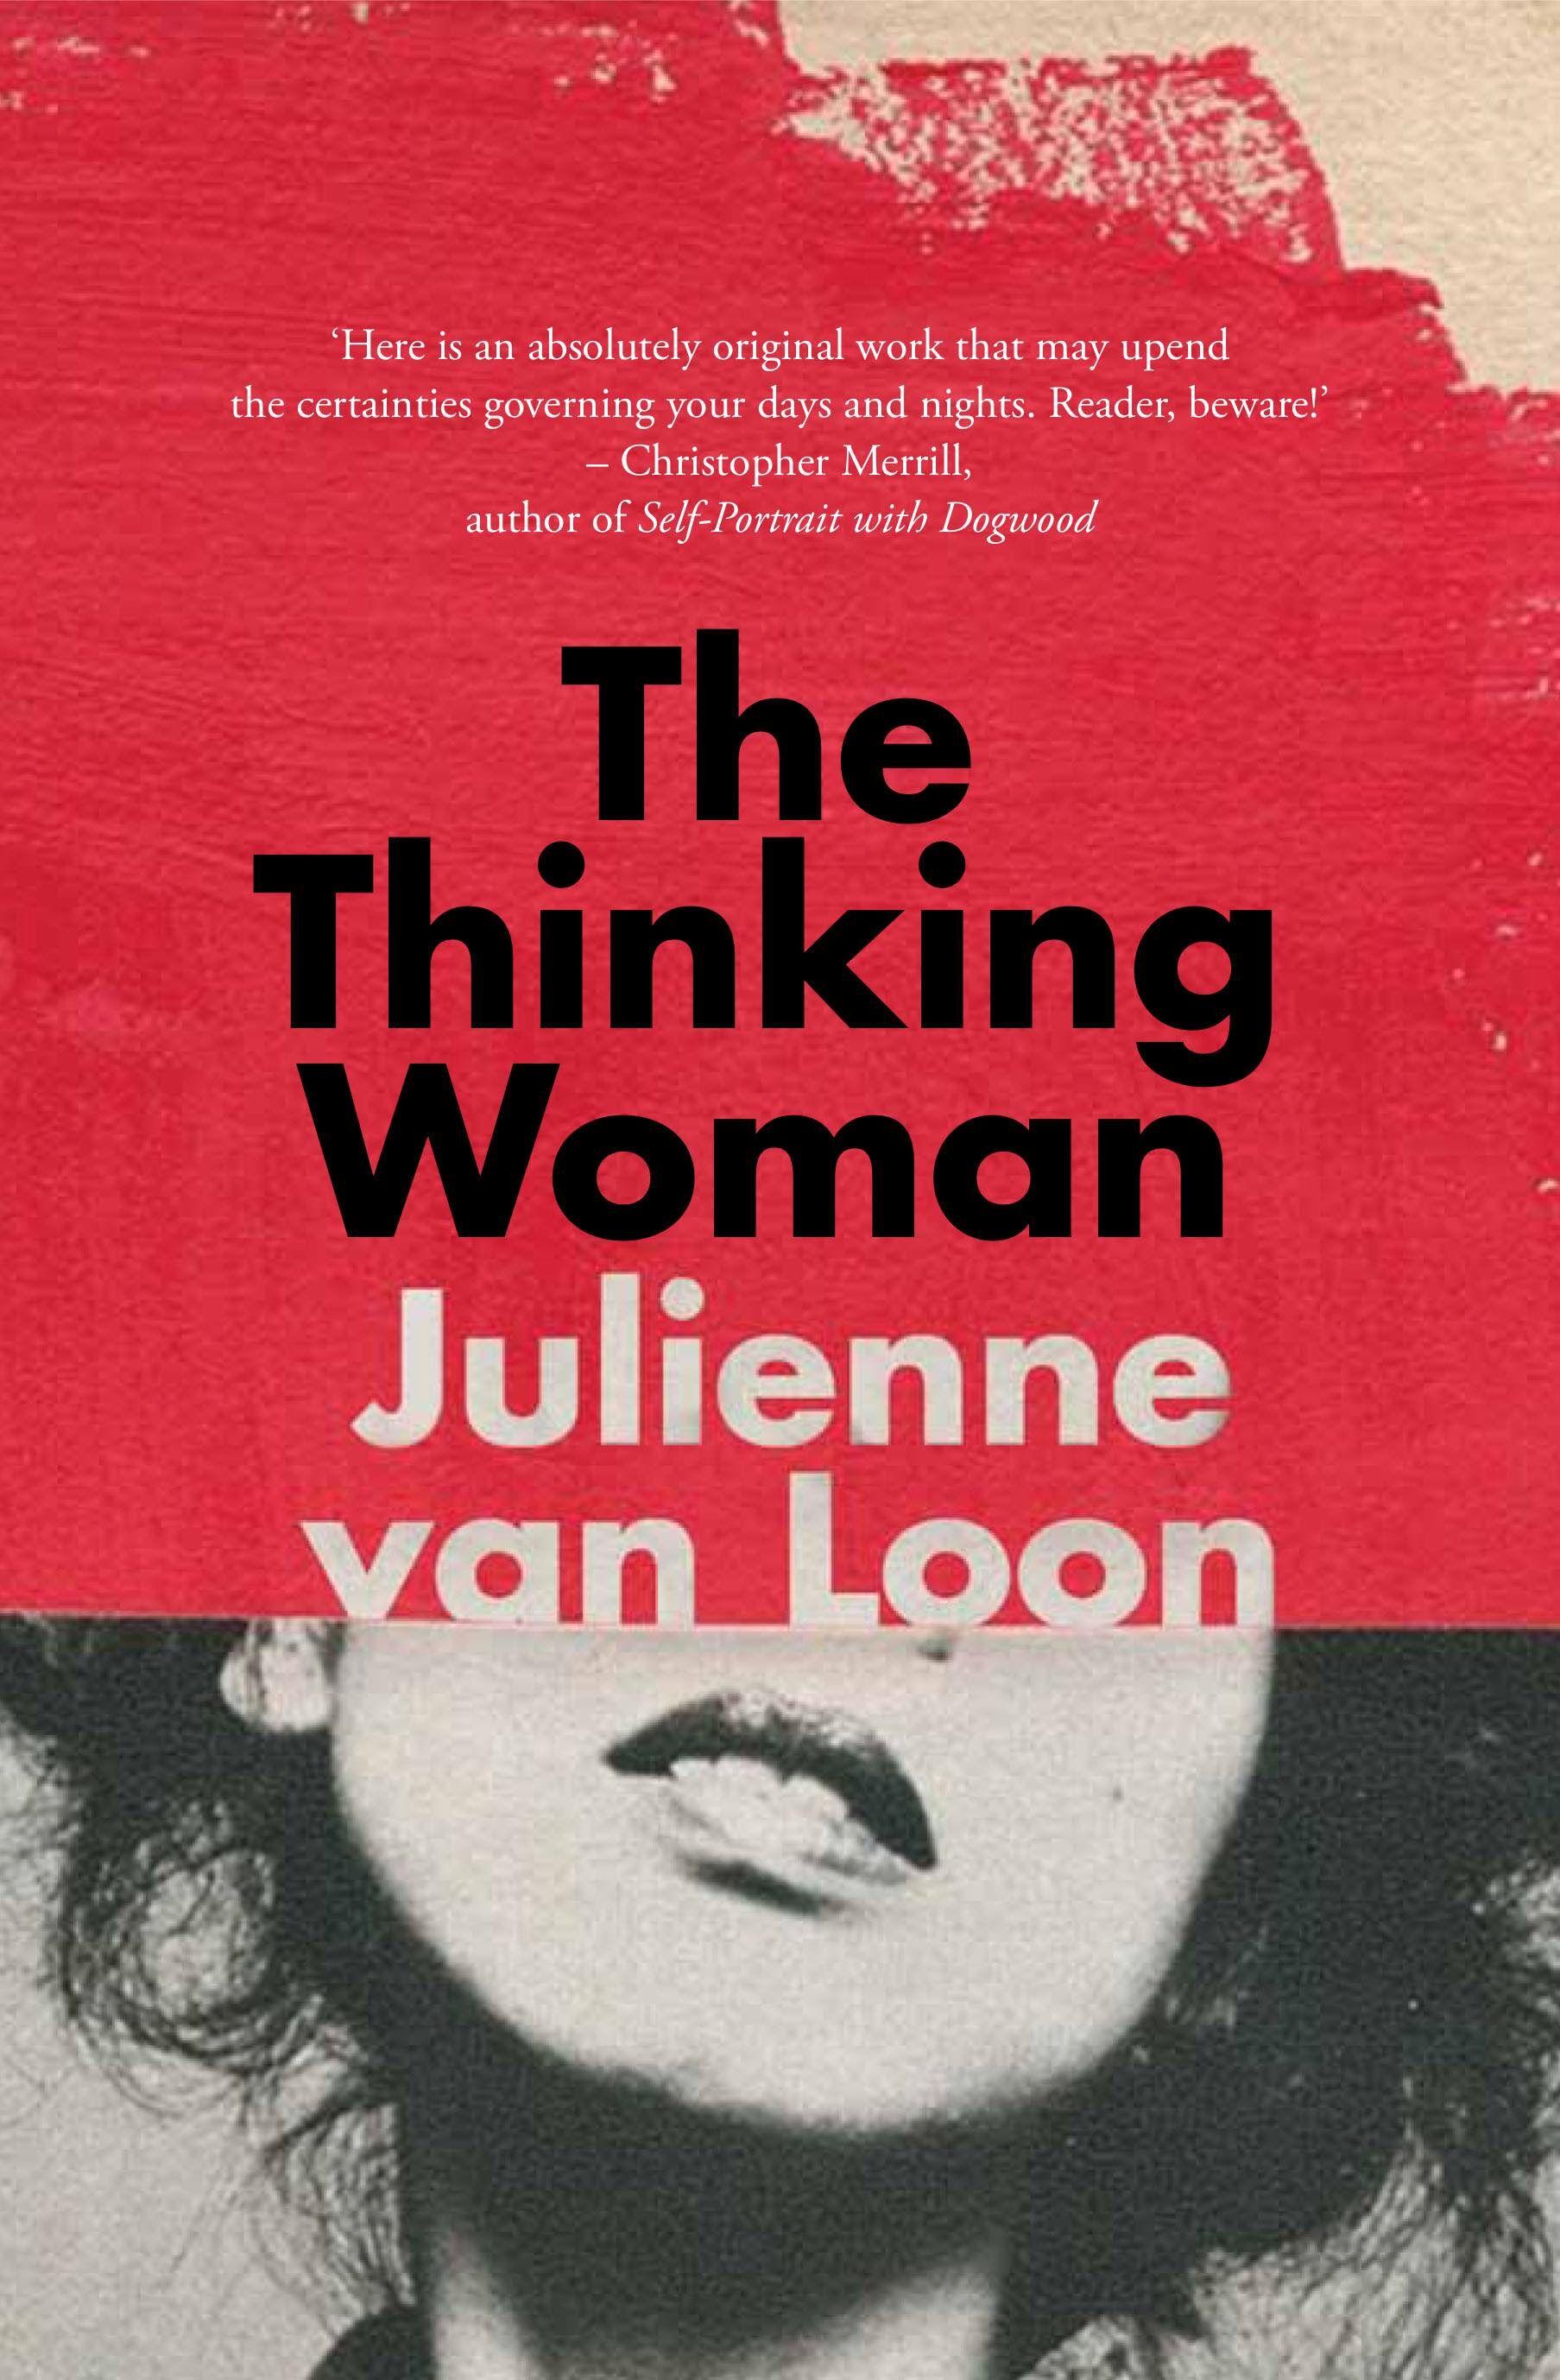 the thinking woman.jpeg